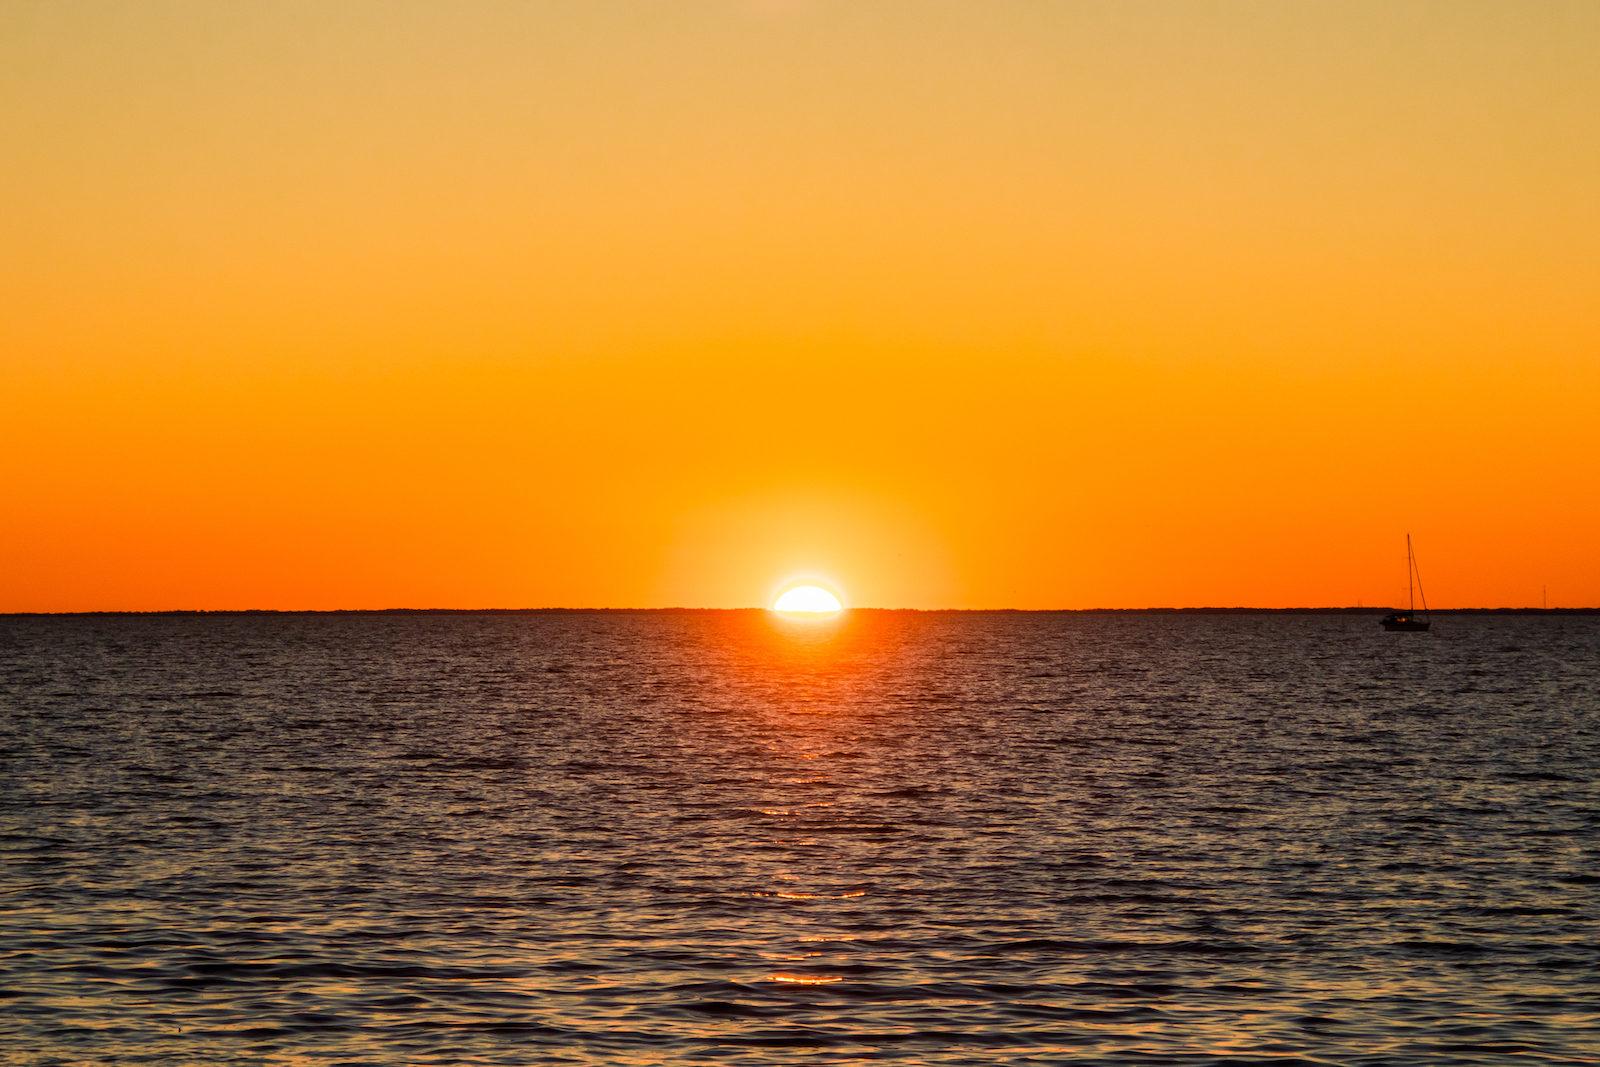 Sunset on the horizon in Fairhope, AL